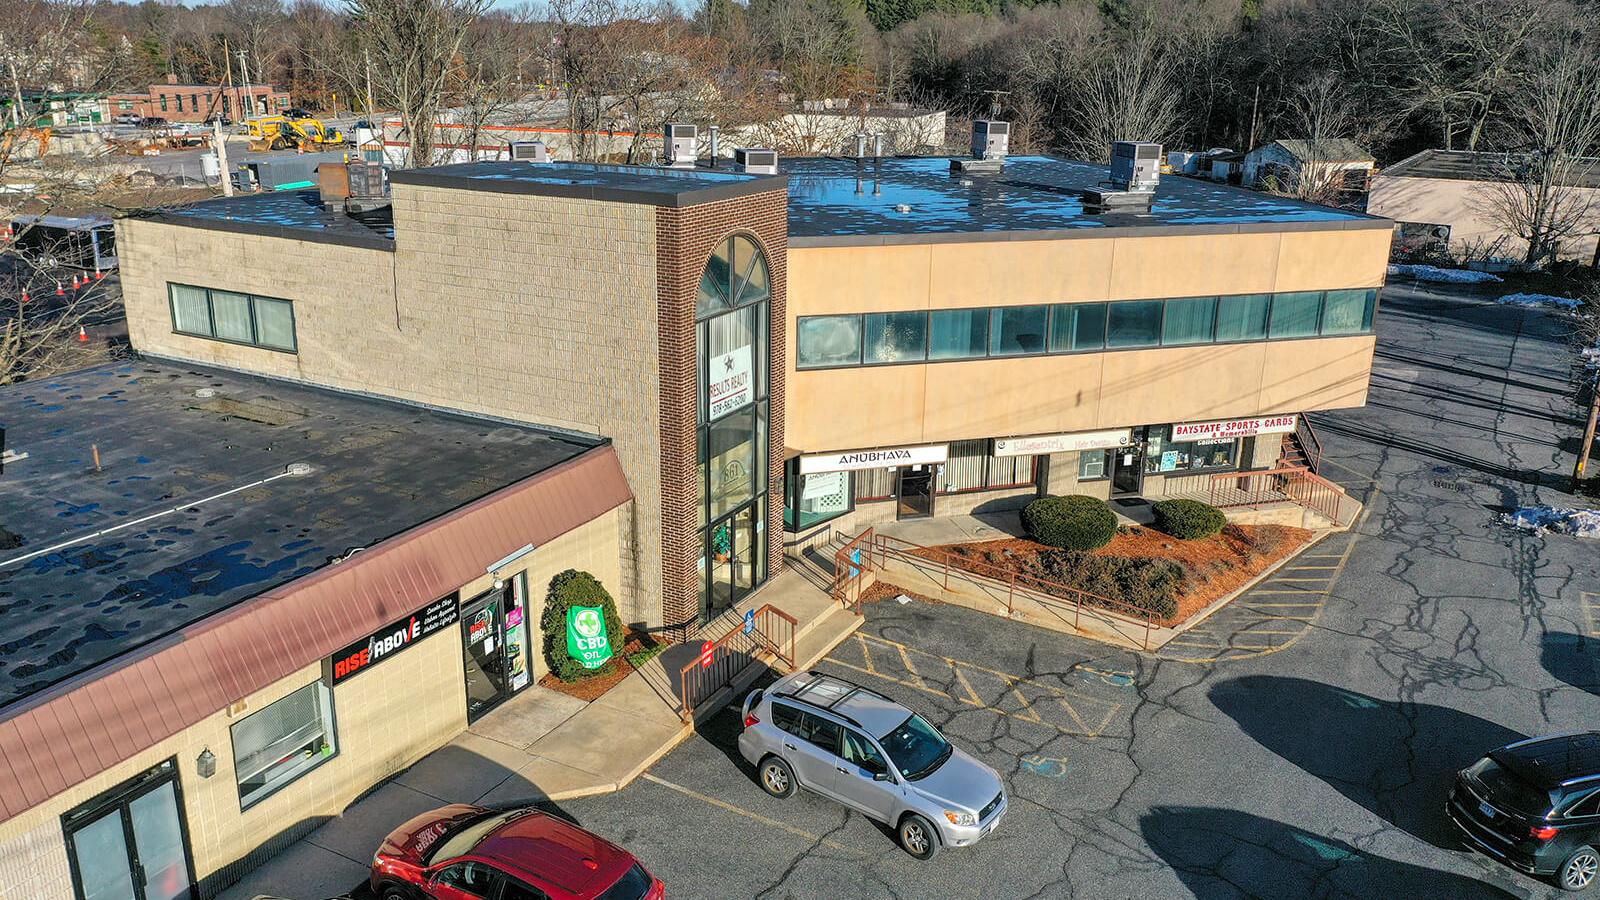 861 Edgell Road, Framingham, Massachusetts 01701, Retail / Restaurant,For Sale,Edgell Road,1317